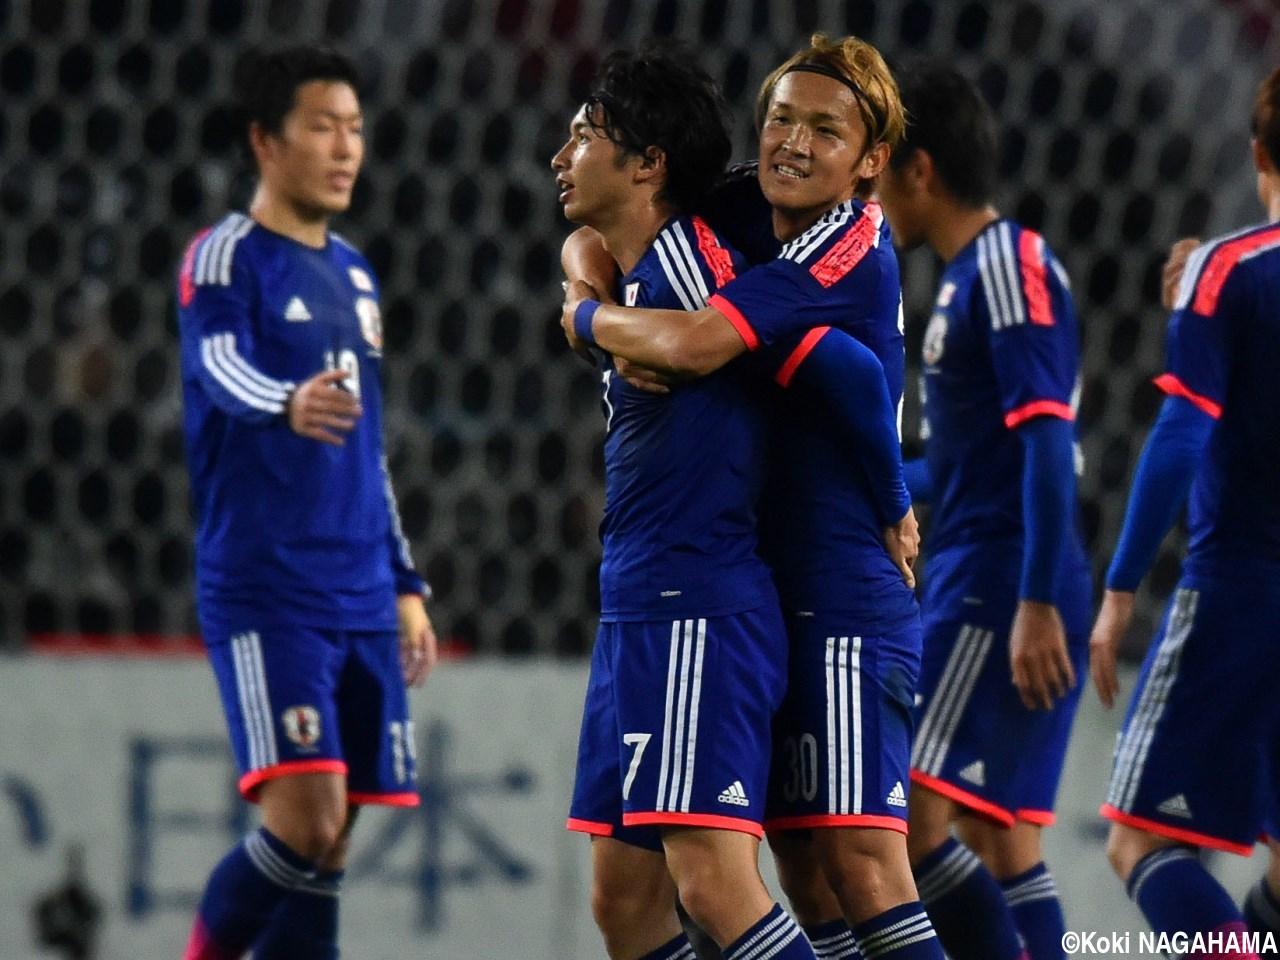 日本のW杯2次予選初戦、ホーム埼スタ開催に変更へ